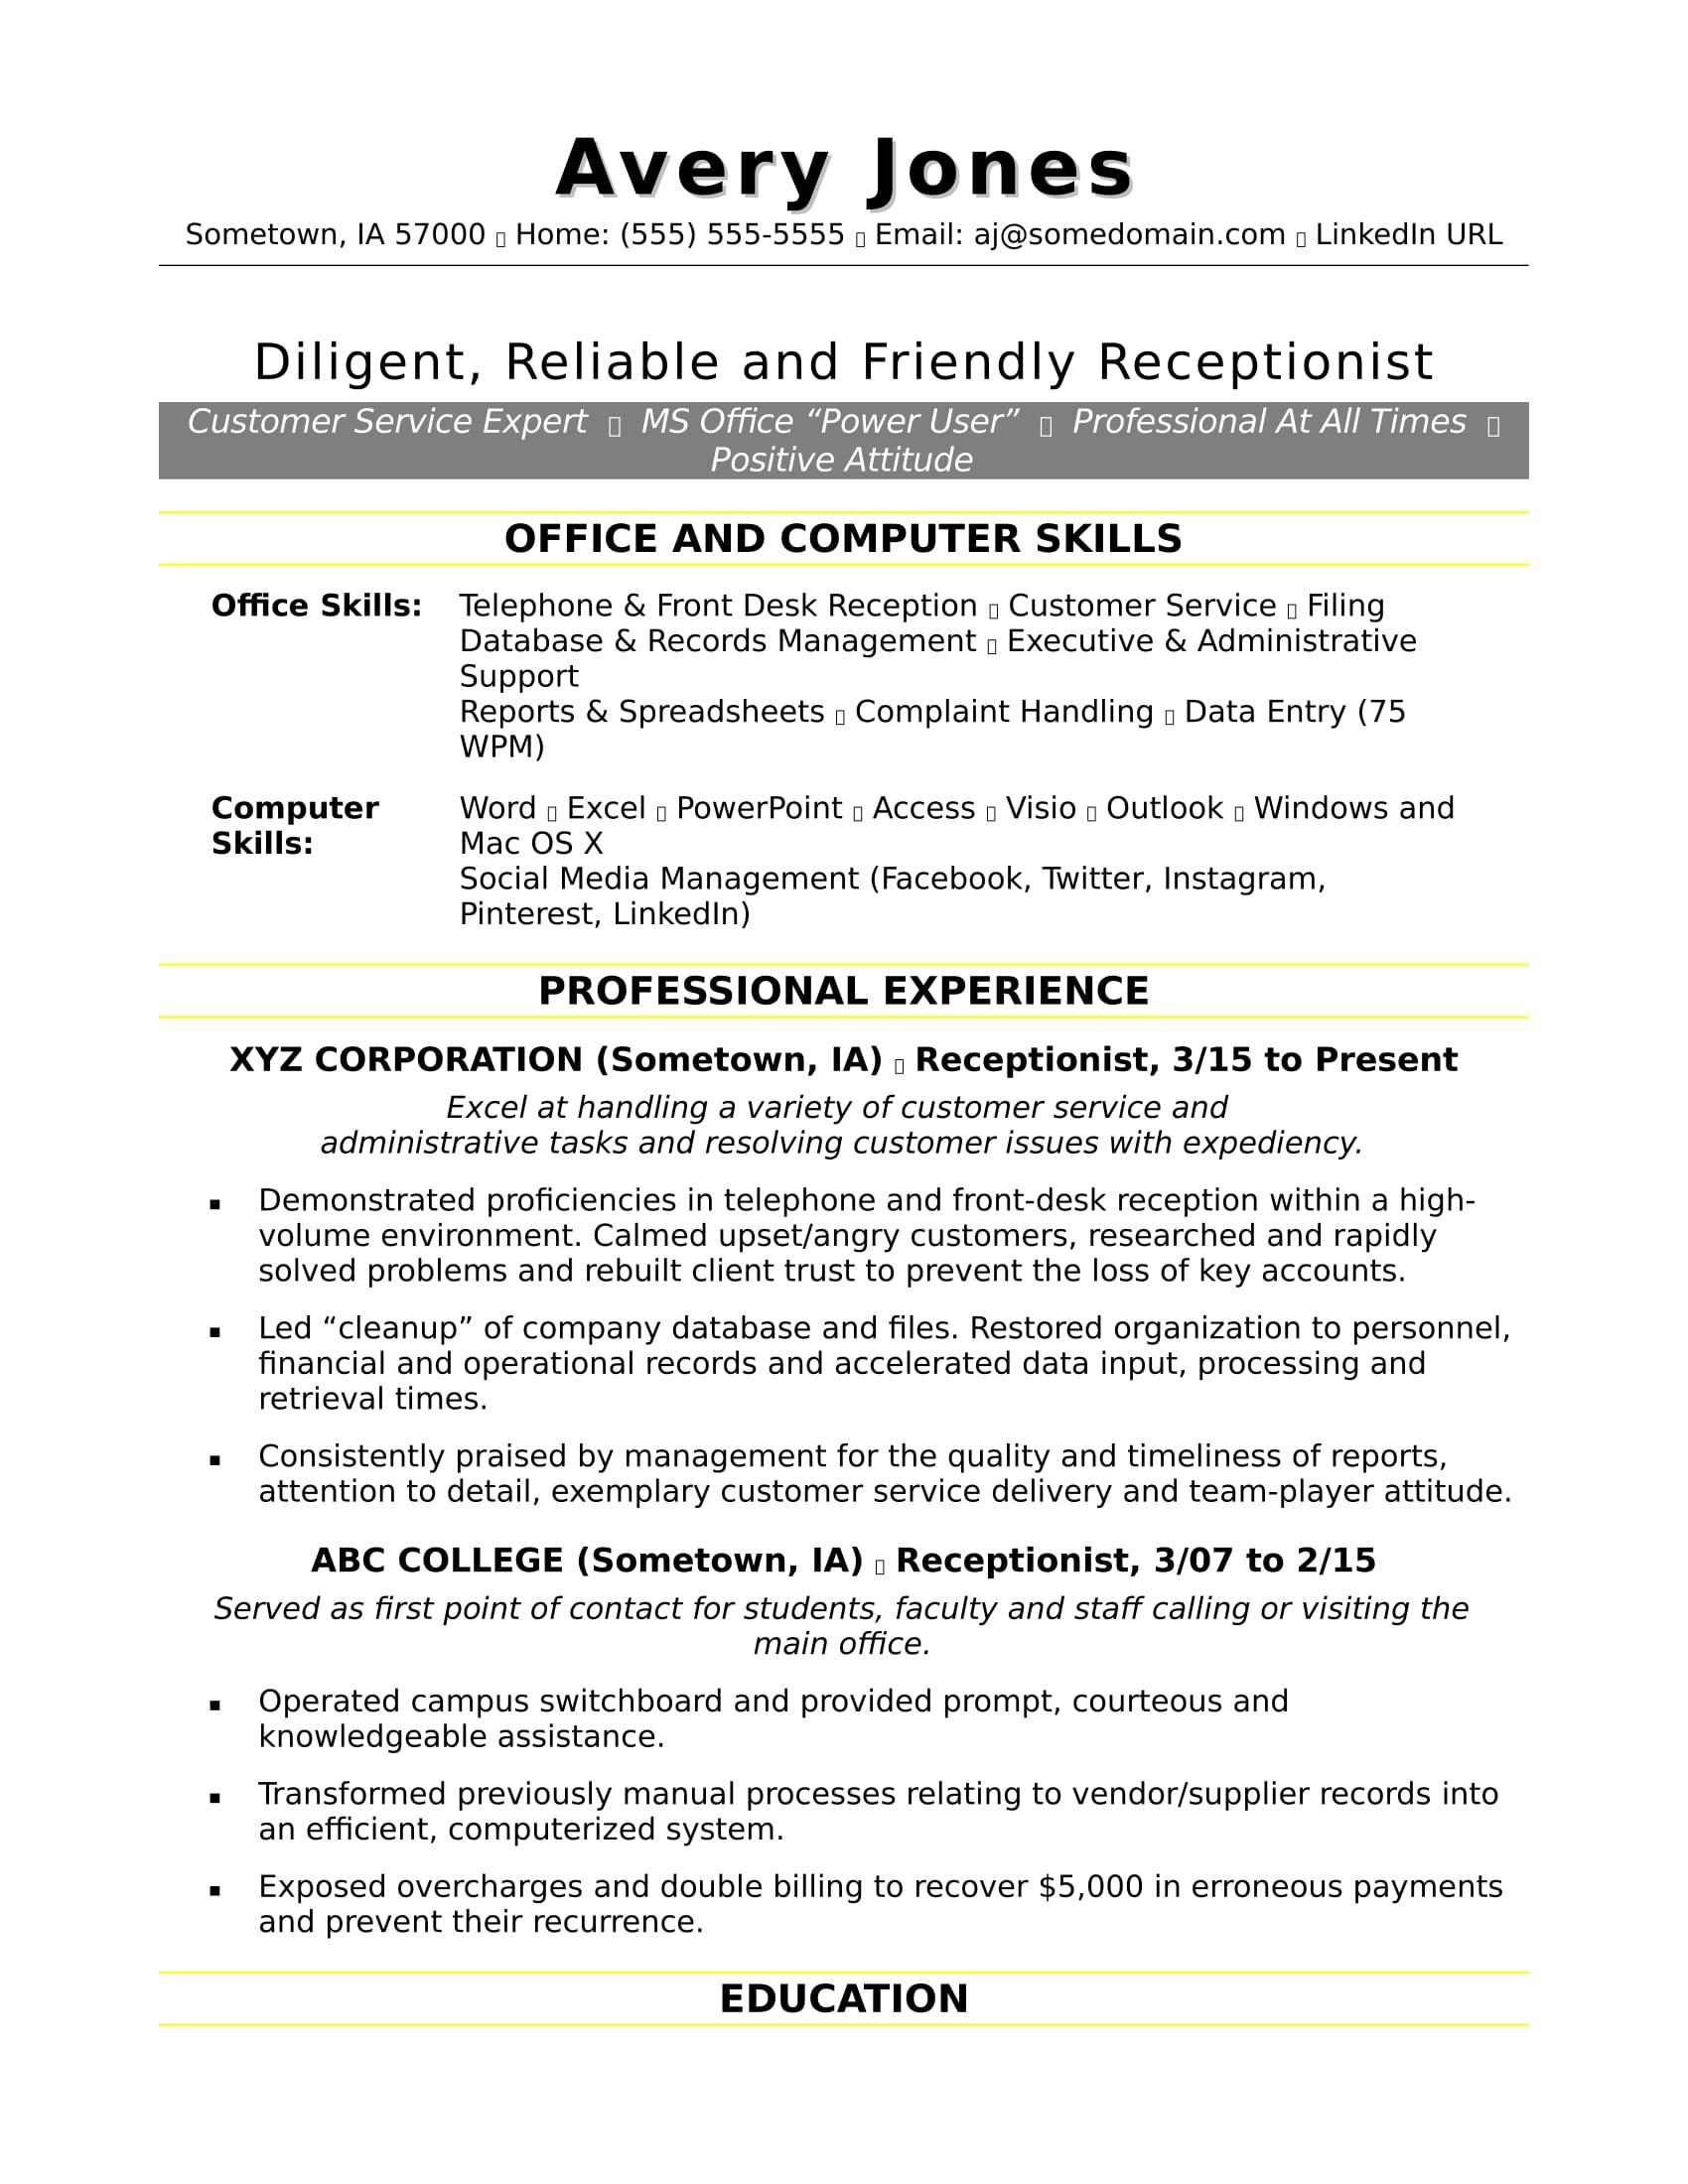 resume for desk receptionist